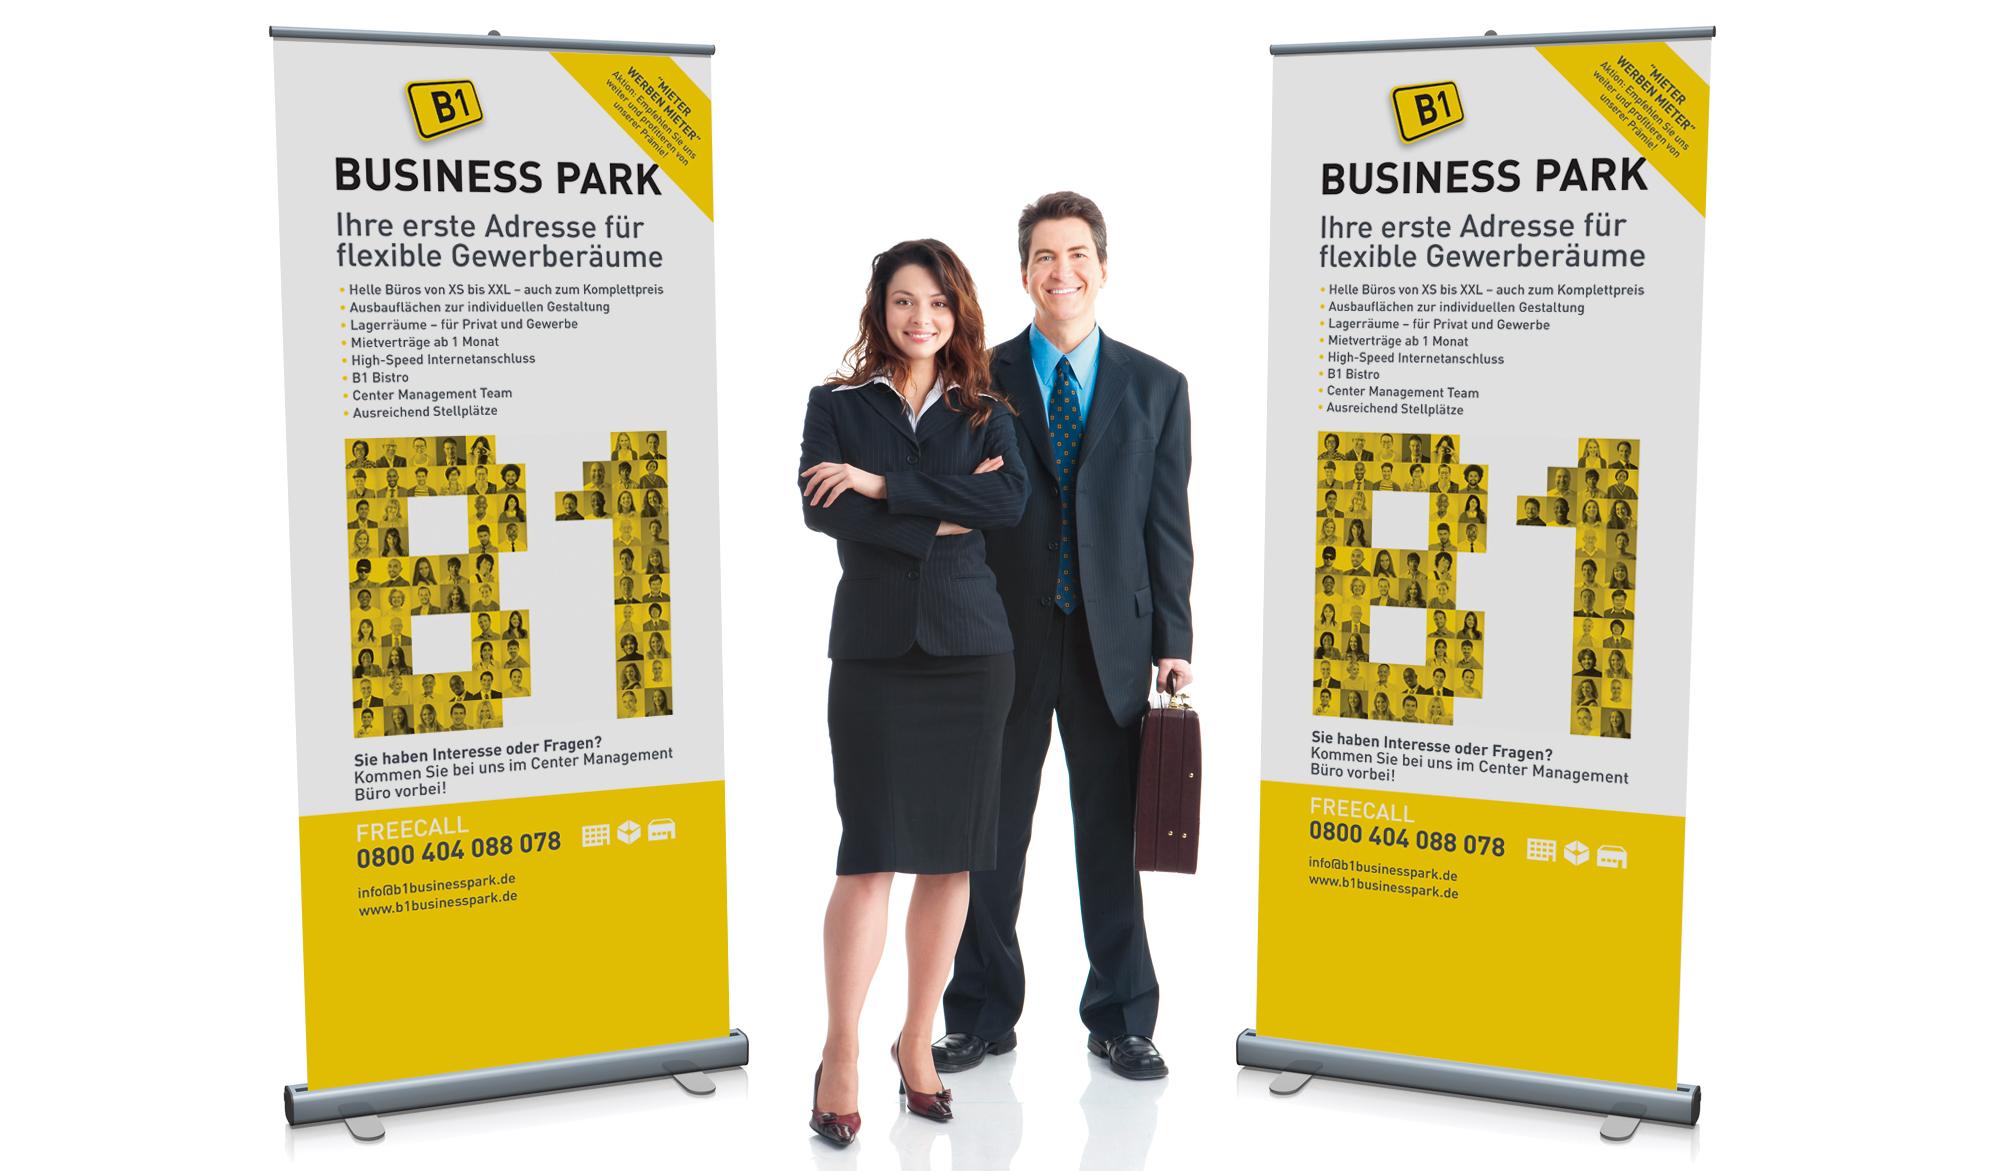 B1 Business Park pop up banner